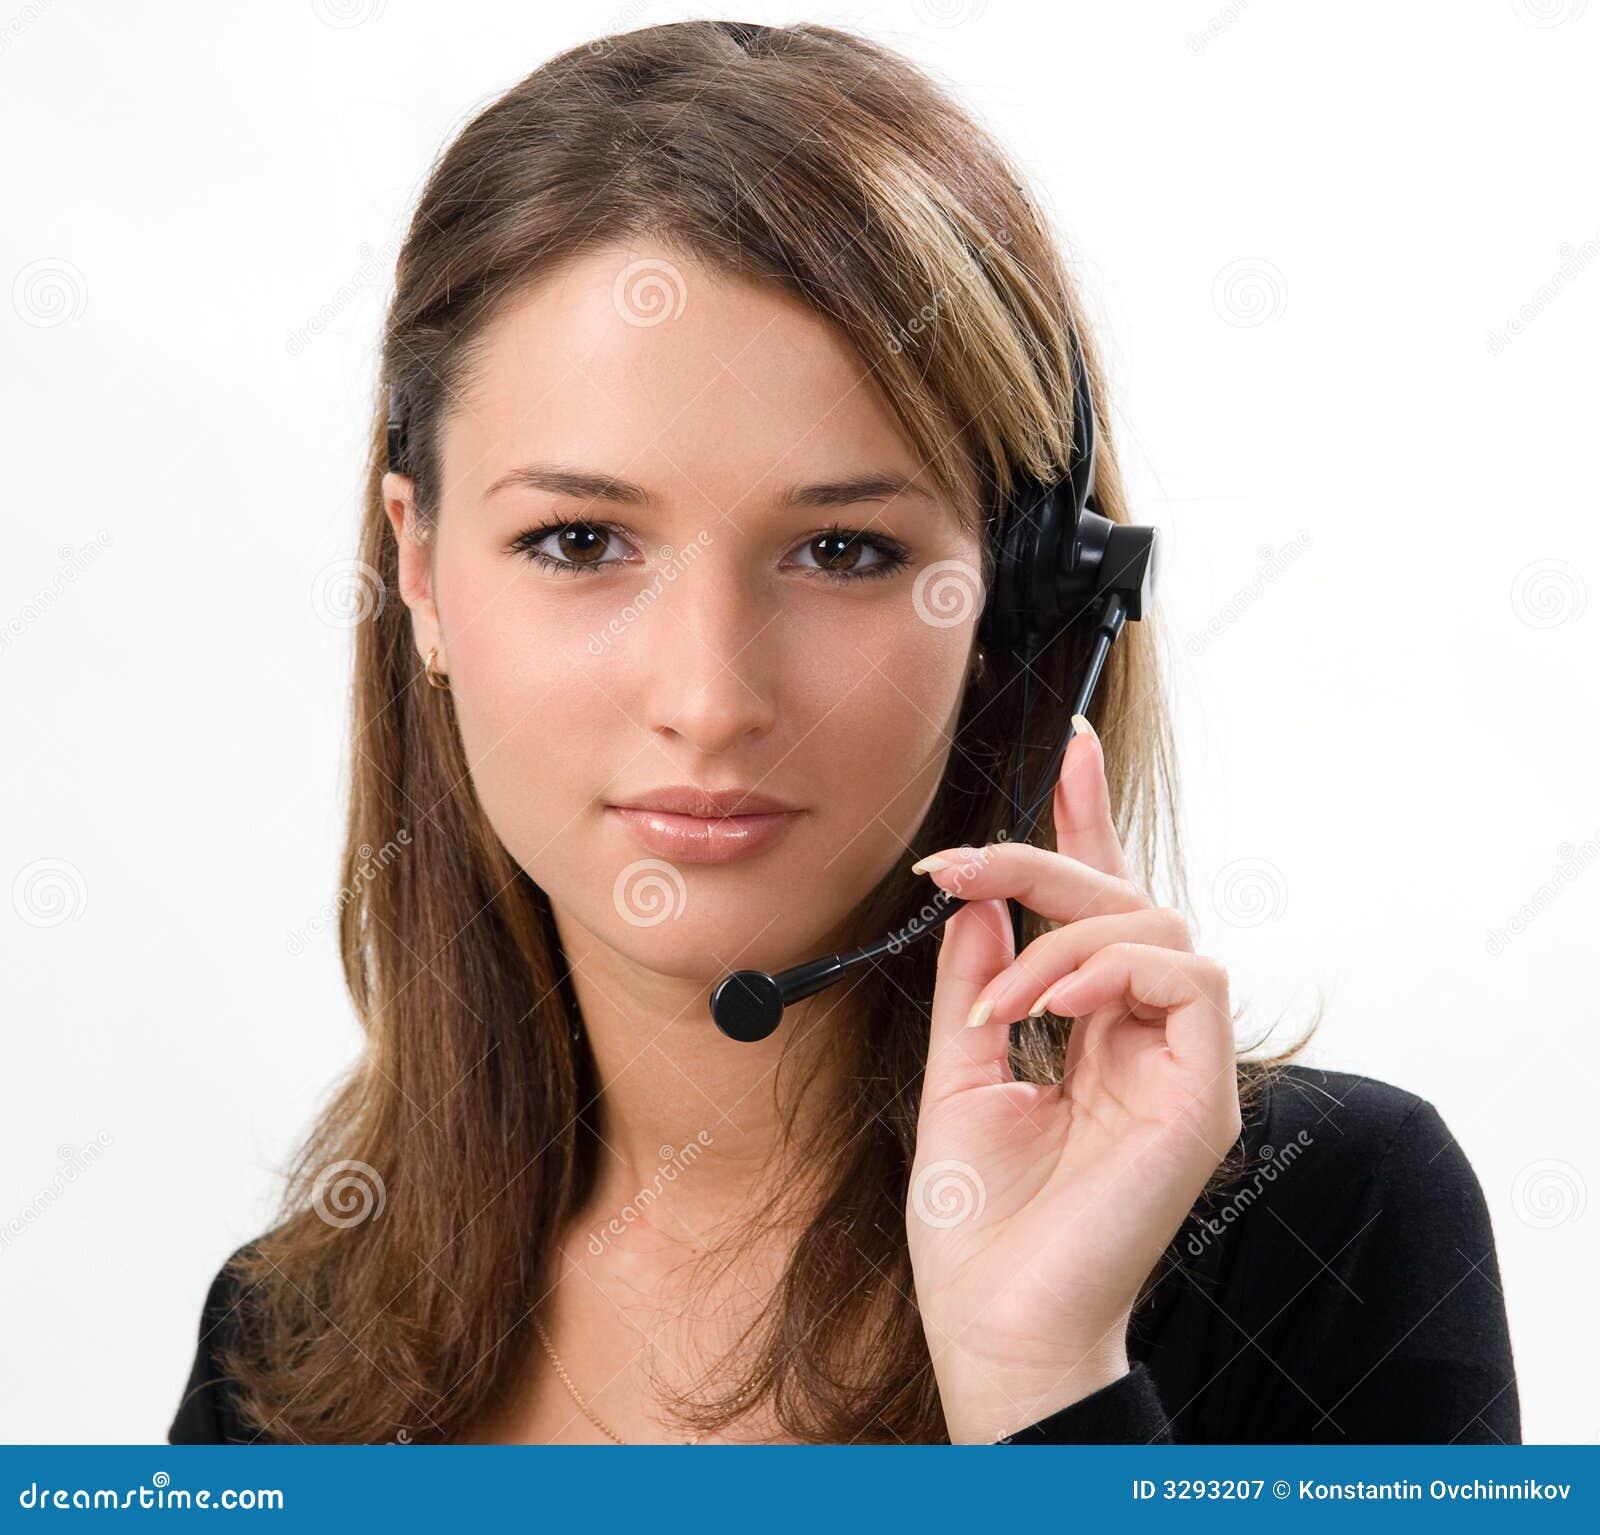 Recepcjonistka słuchawki